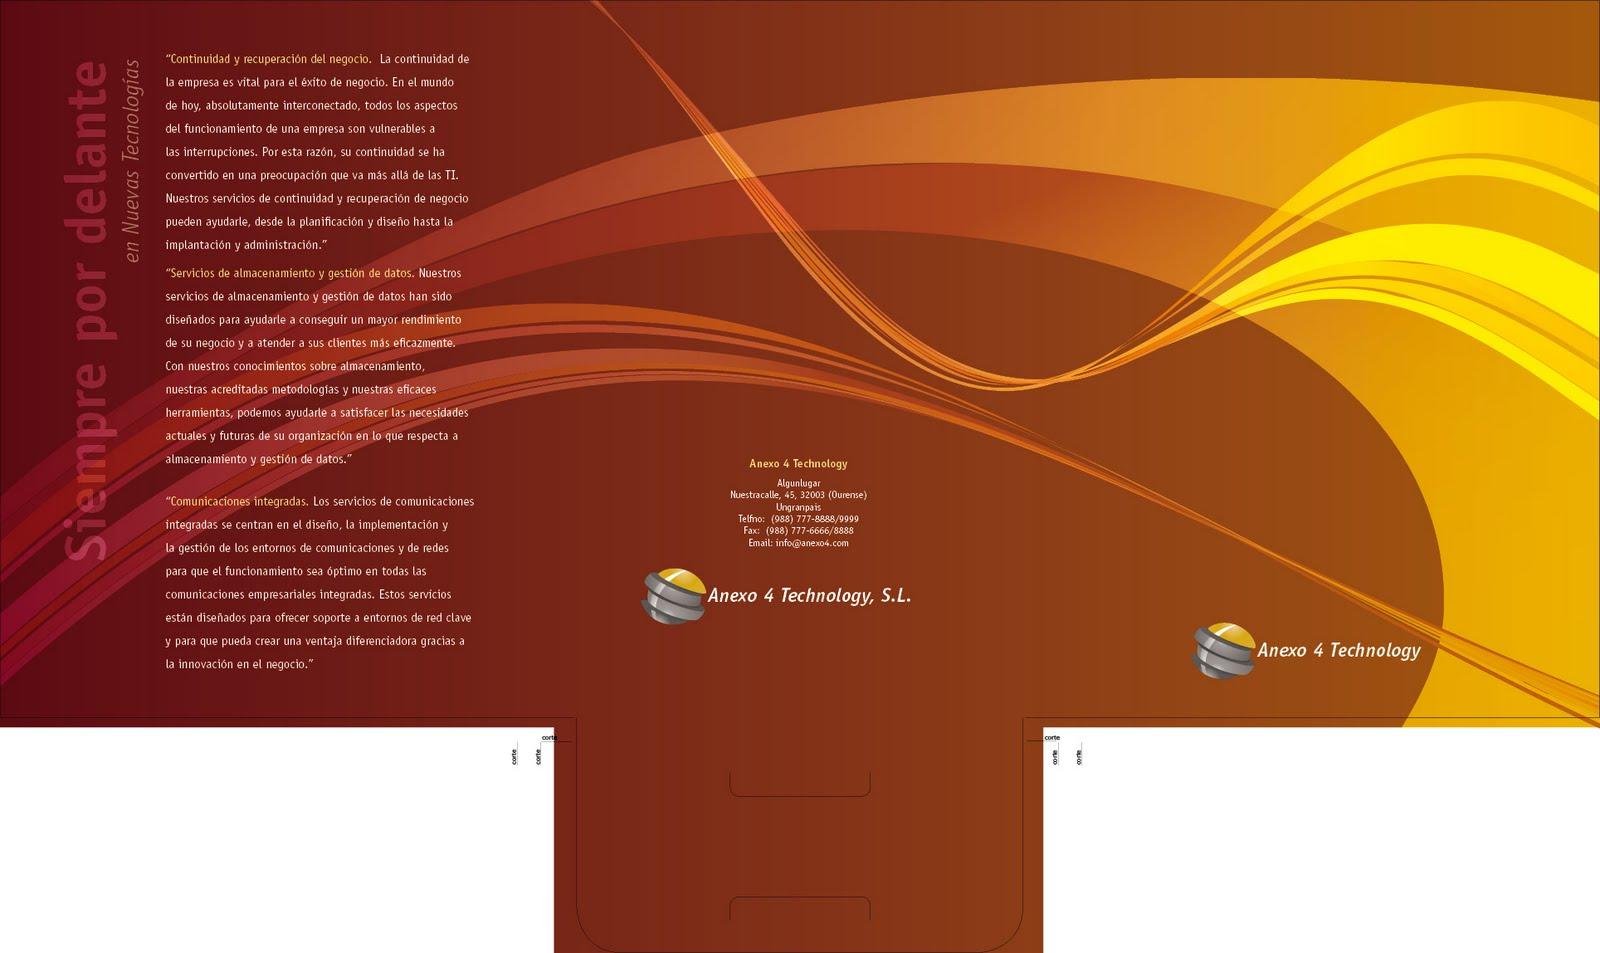 Curso de Diseño Gráfico: InDesign 7. Carpetillas empresa de tecnología.